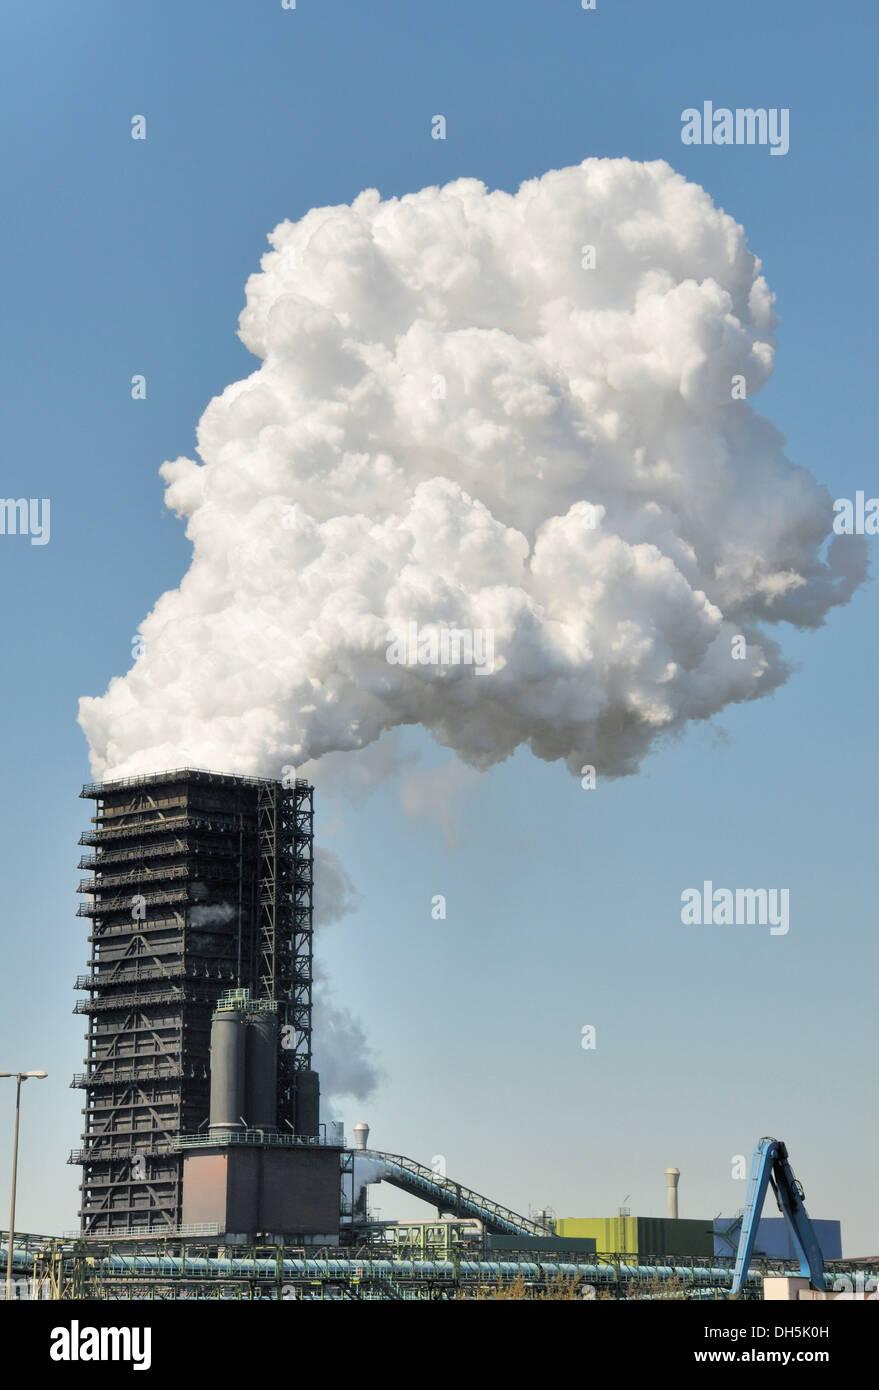 Norte de la torre de enfriamiento de la planta de hornos de coque Schwelgern, ThyssenKrupp Stahl AG, instalaciones fabriles Hamborn, Duisburg Schwelgern Imagen De Stock